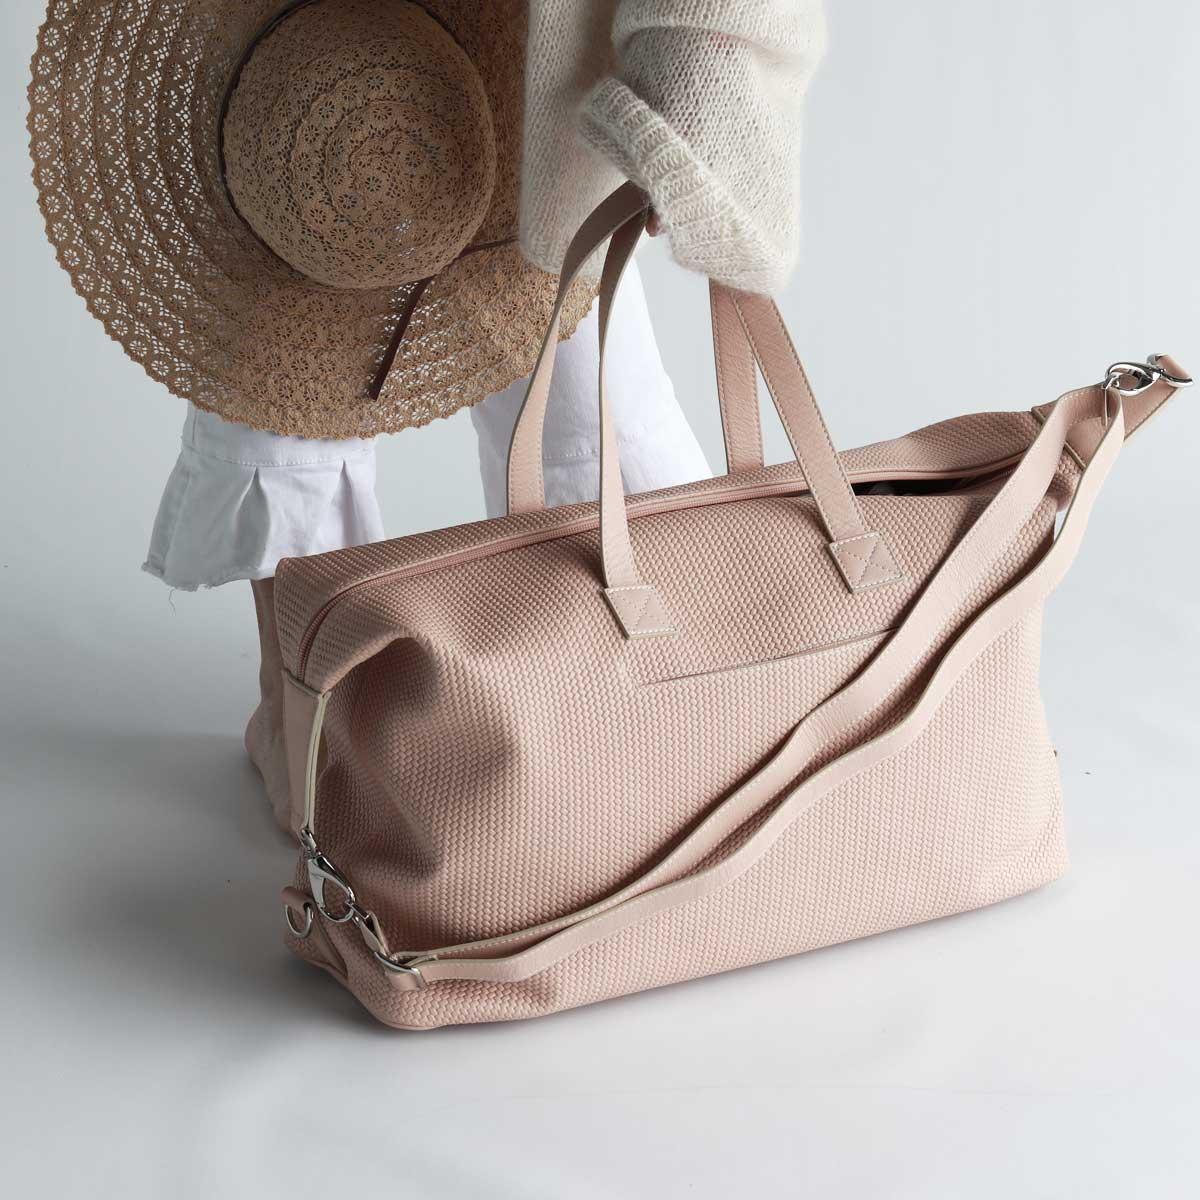 handgefertigtes reisegepäck aus leder modern clean